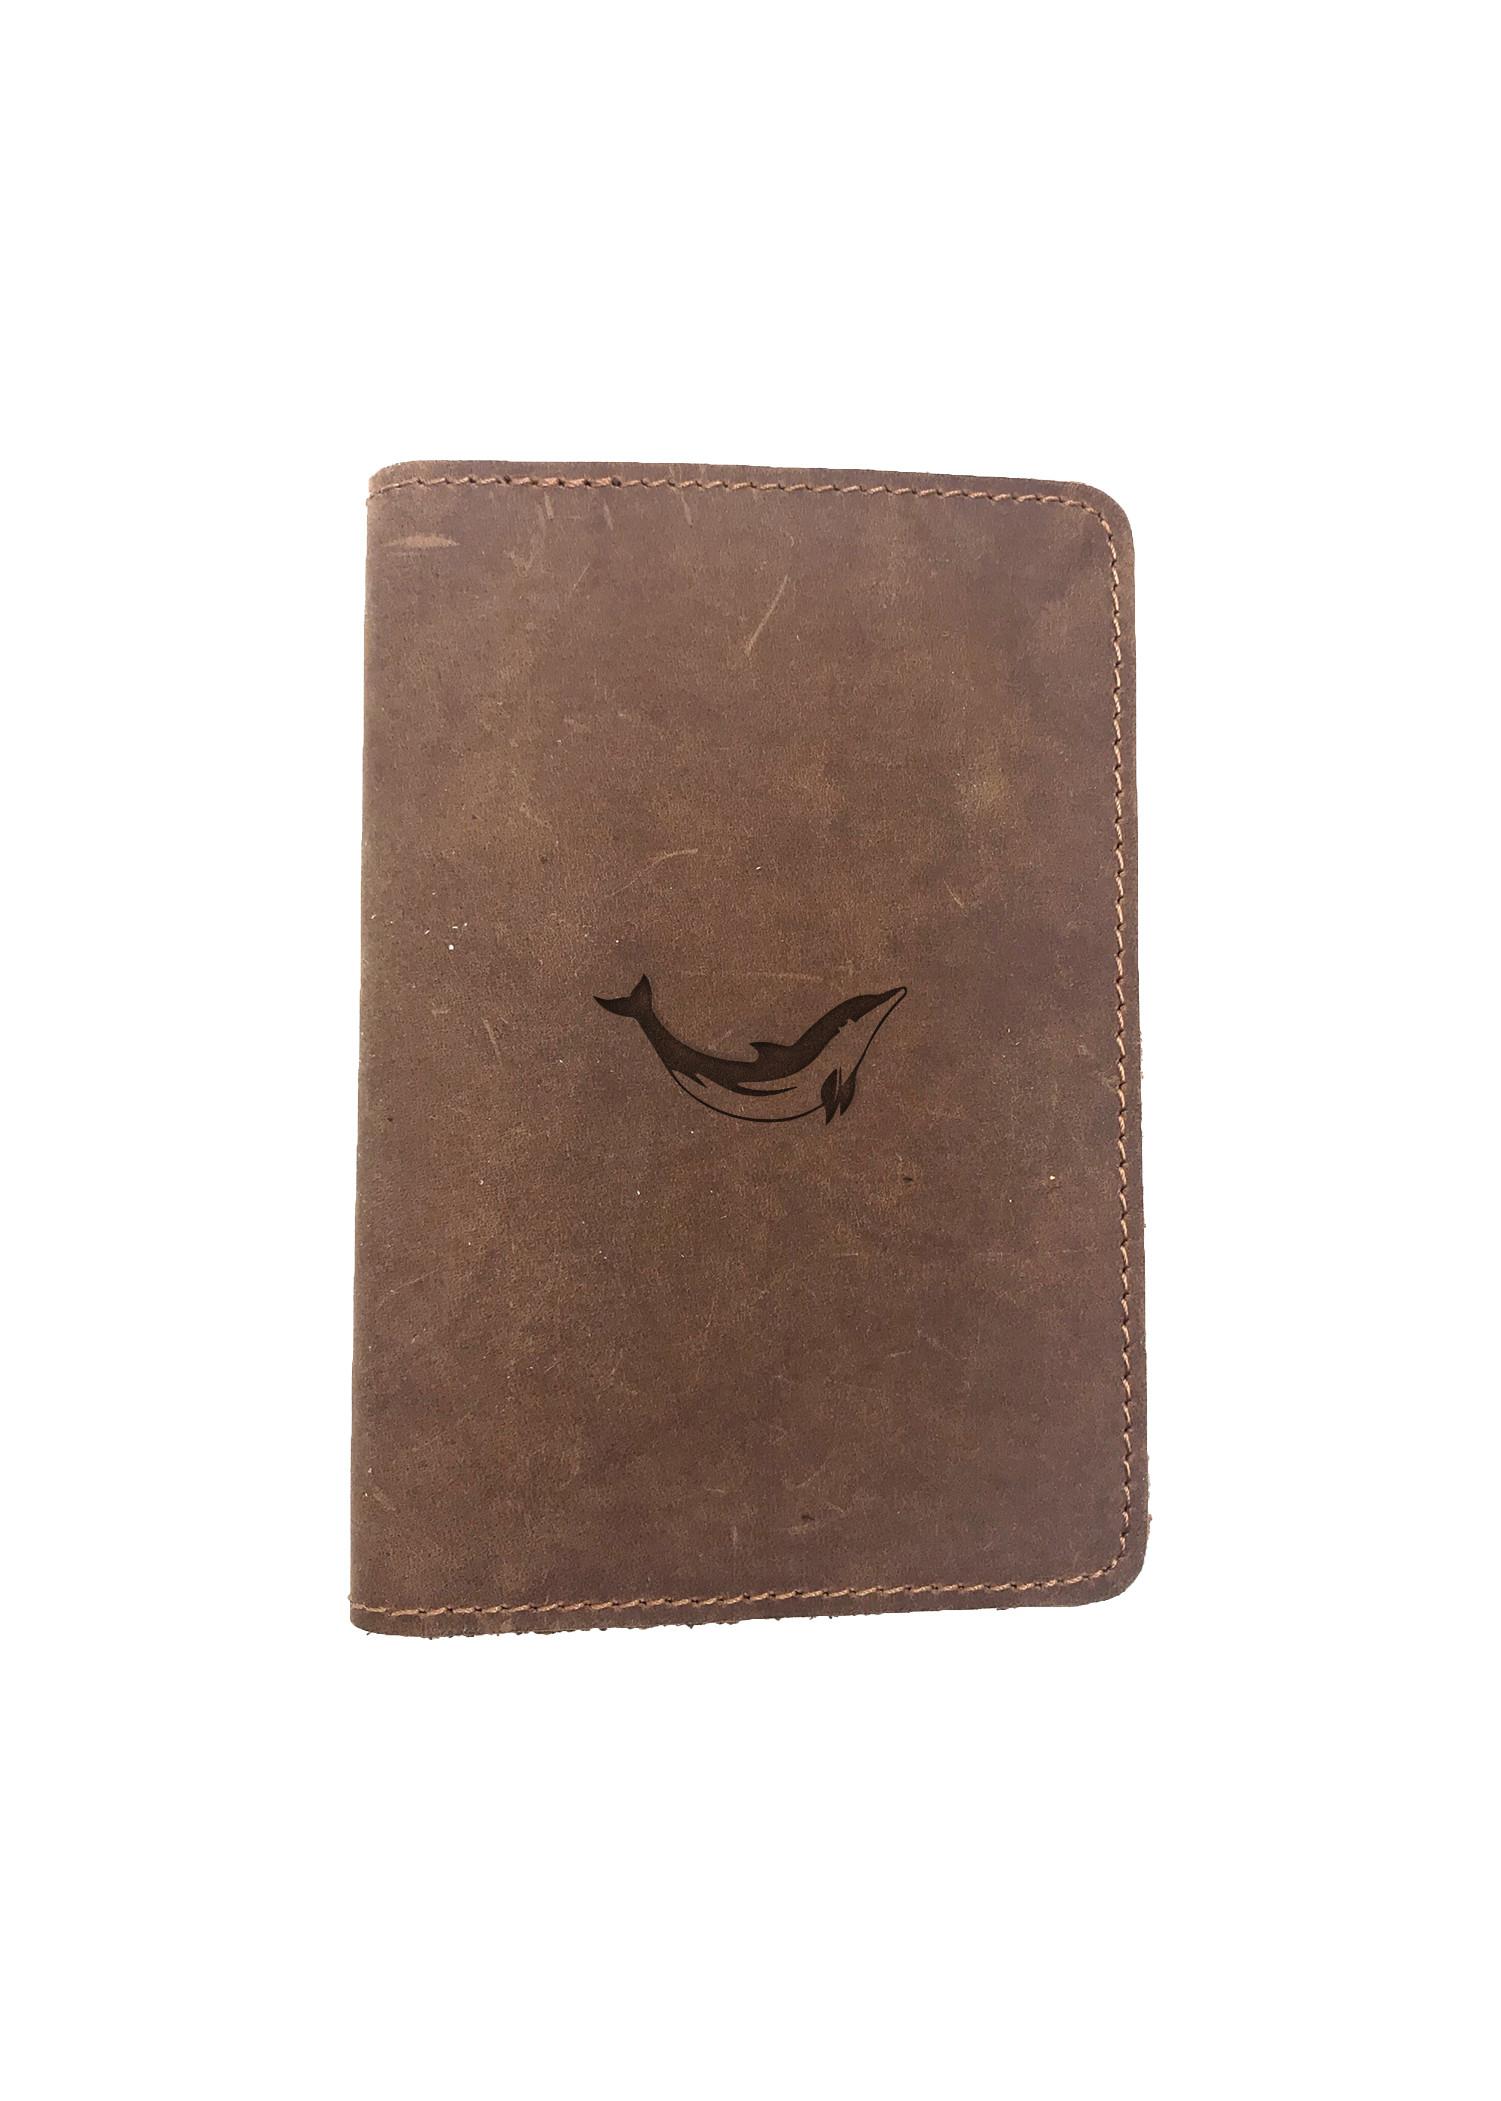 Passport Cover Bao Da Hộ Chiếu Da Sáp Khắc Hình Cá heo DOLPHIN ICON (BROWN) - 15700234 , 7795523678791 , 62_27858866 , 450000 , Passport-Cover-Bao-Da-Ho-Chieu-Da-Sap-Khac-Hinh-Ca-heo-DOLPHIN-ICON-BROWN-62_27858866 , tiki.vn , Passport Cover Bao Da Hộ Chiếu Da Sáp Khắc Hình Cá heo DOLPHIN ICON (BROWN)